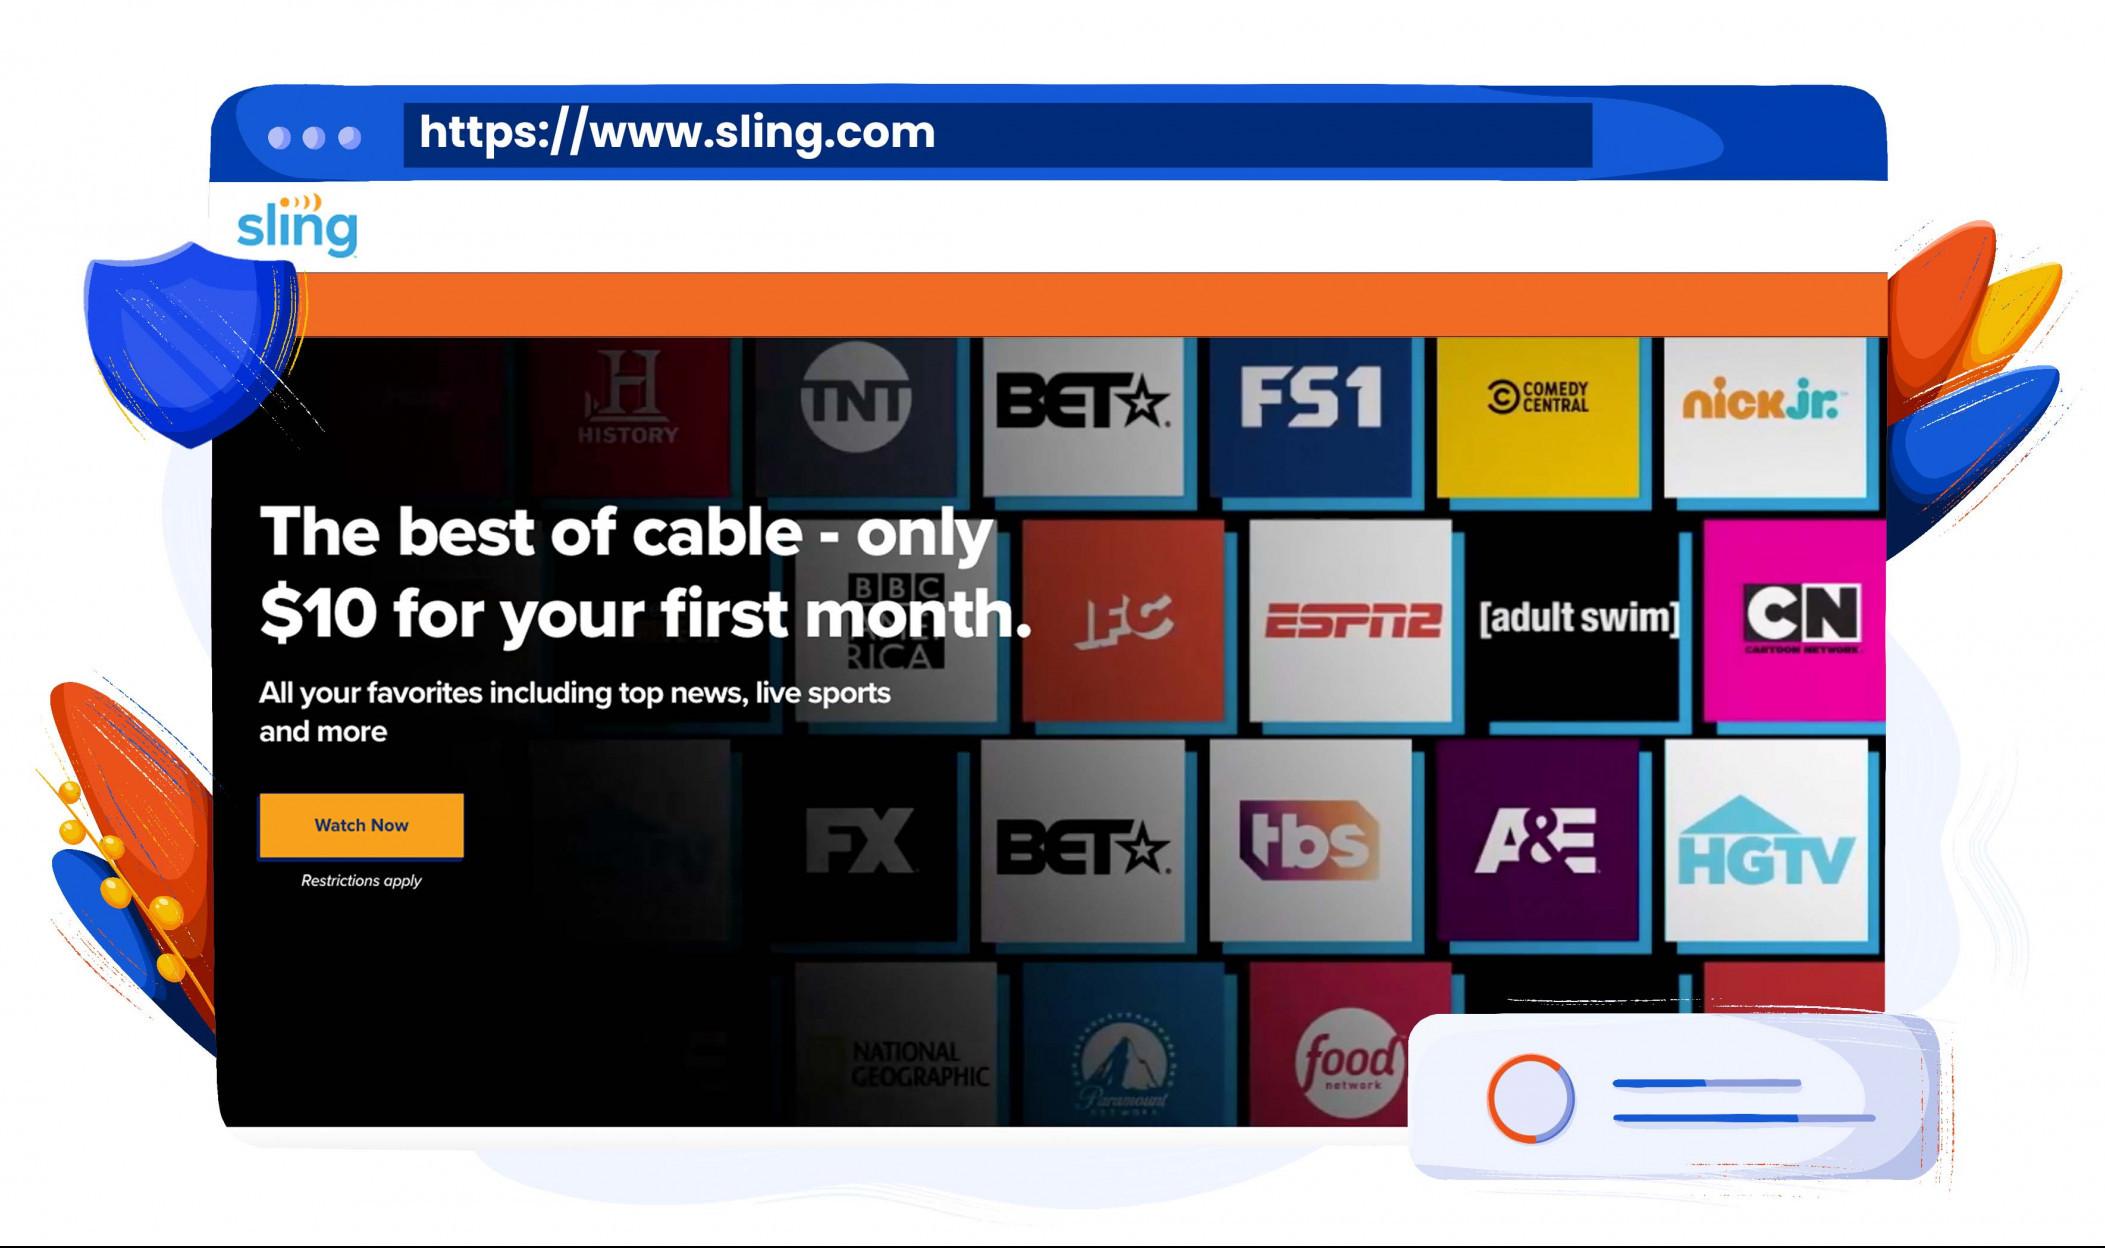 Sling TV ermöglicht es, Serien, Filme und Infotainment zu empfangen